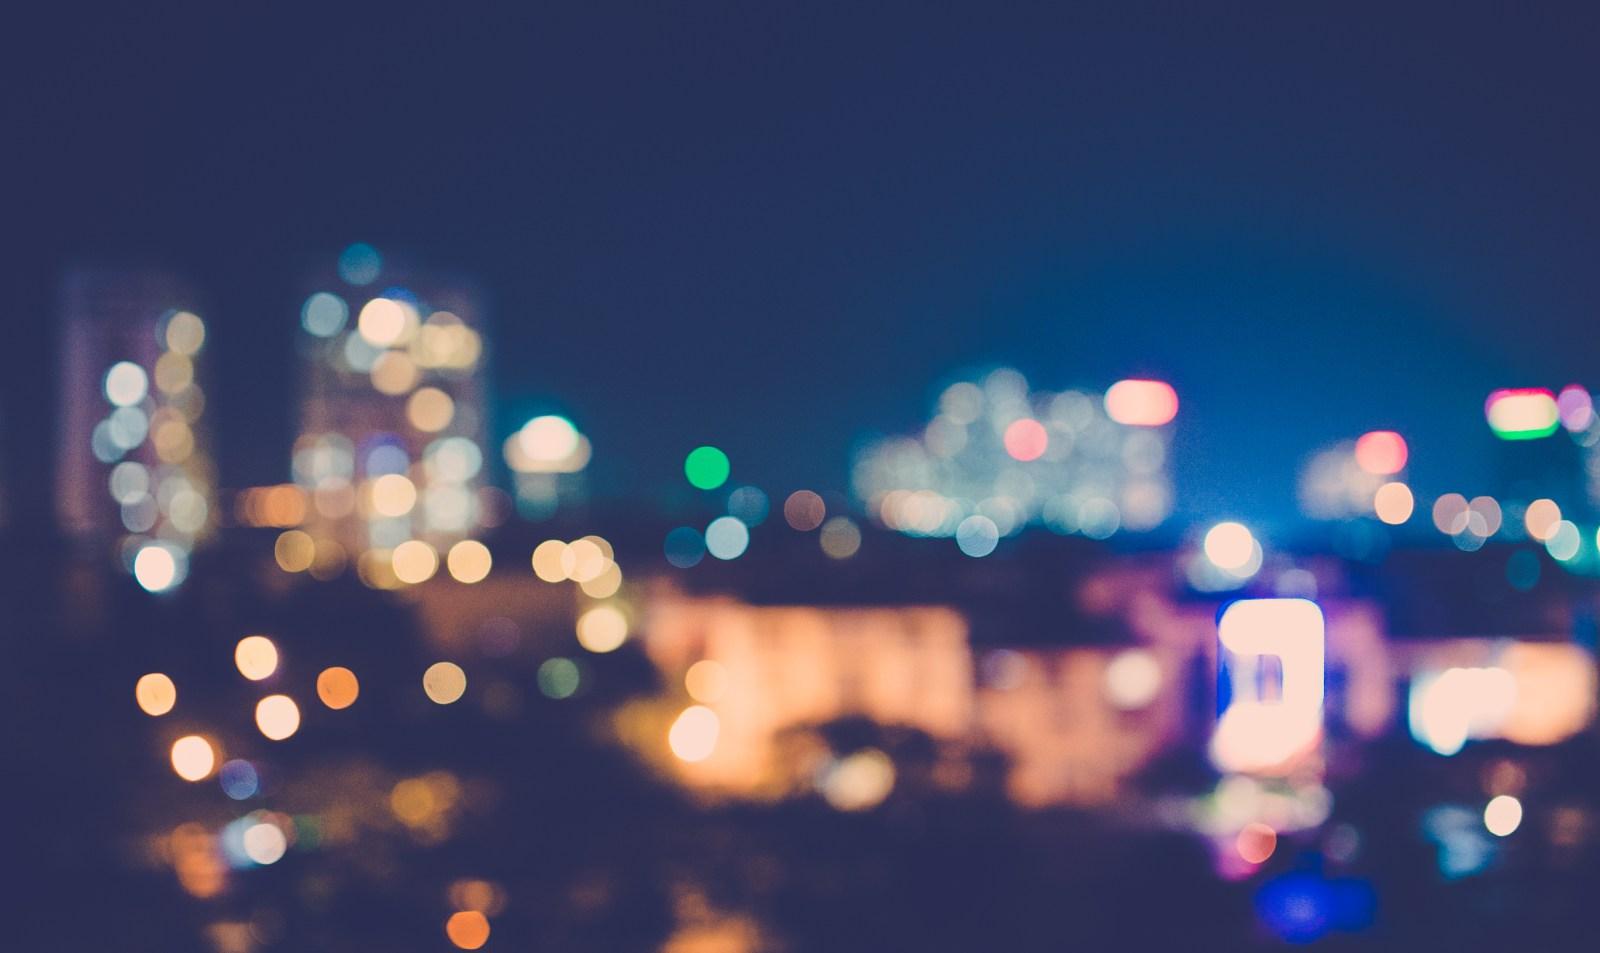 pexels-photo-30732.jpg